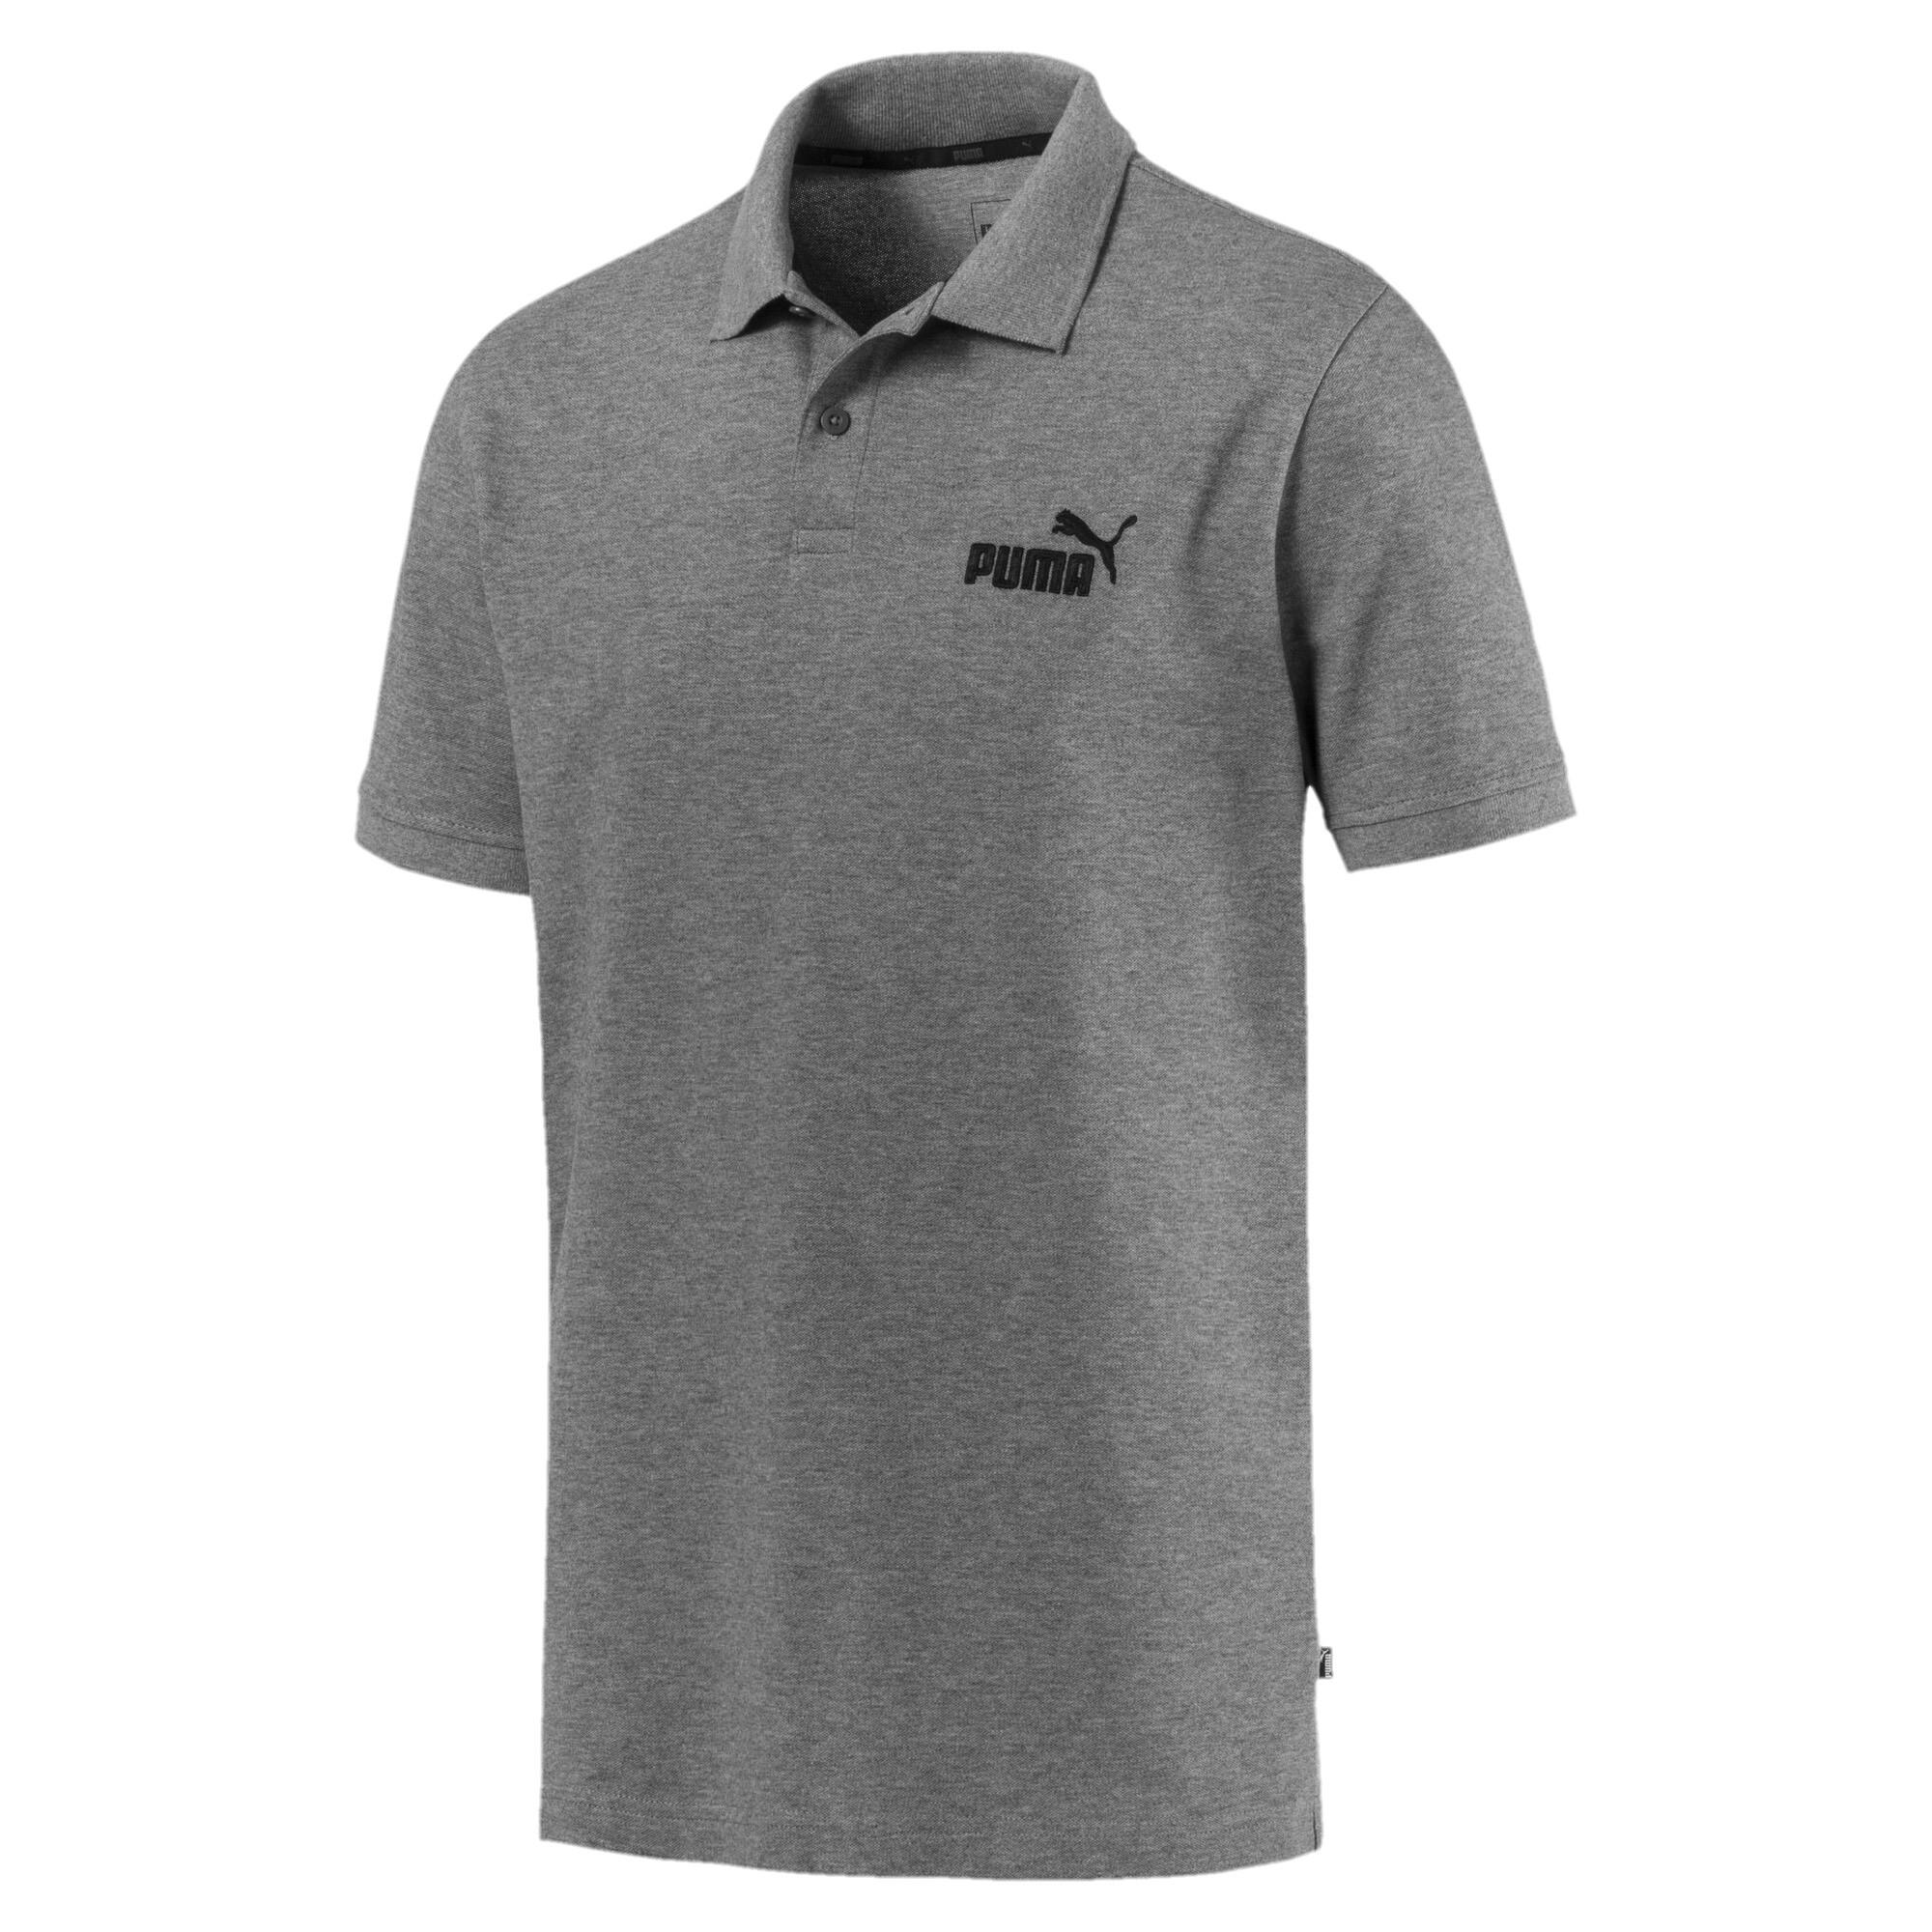 Image Puma Essentials Short Sleeve Men's Polo Shirt #4